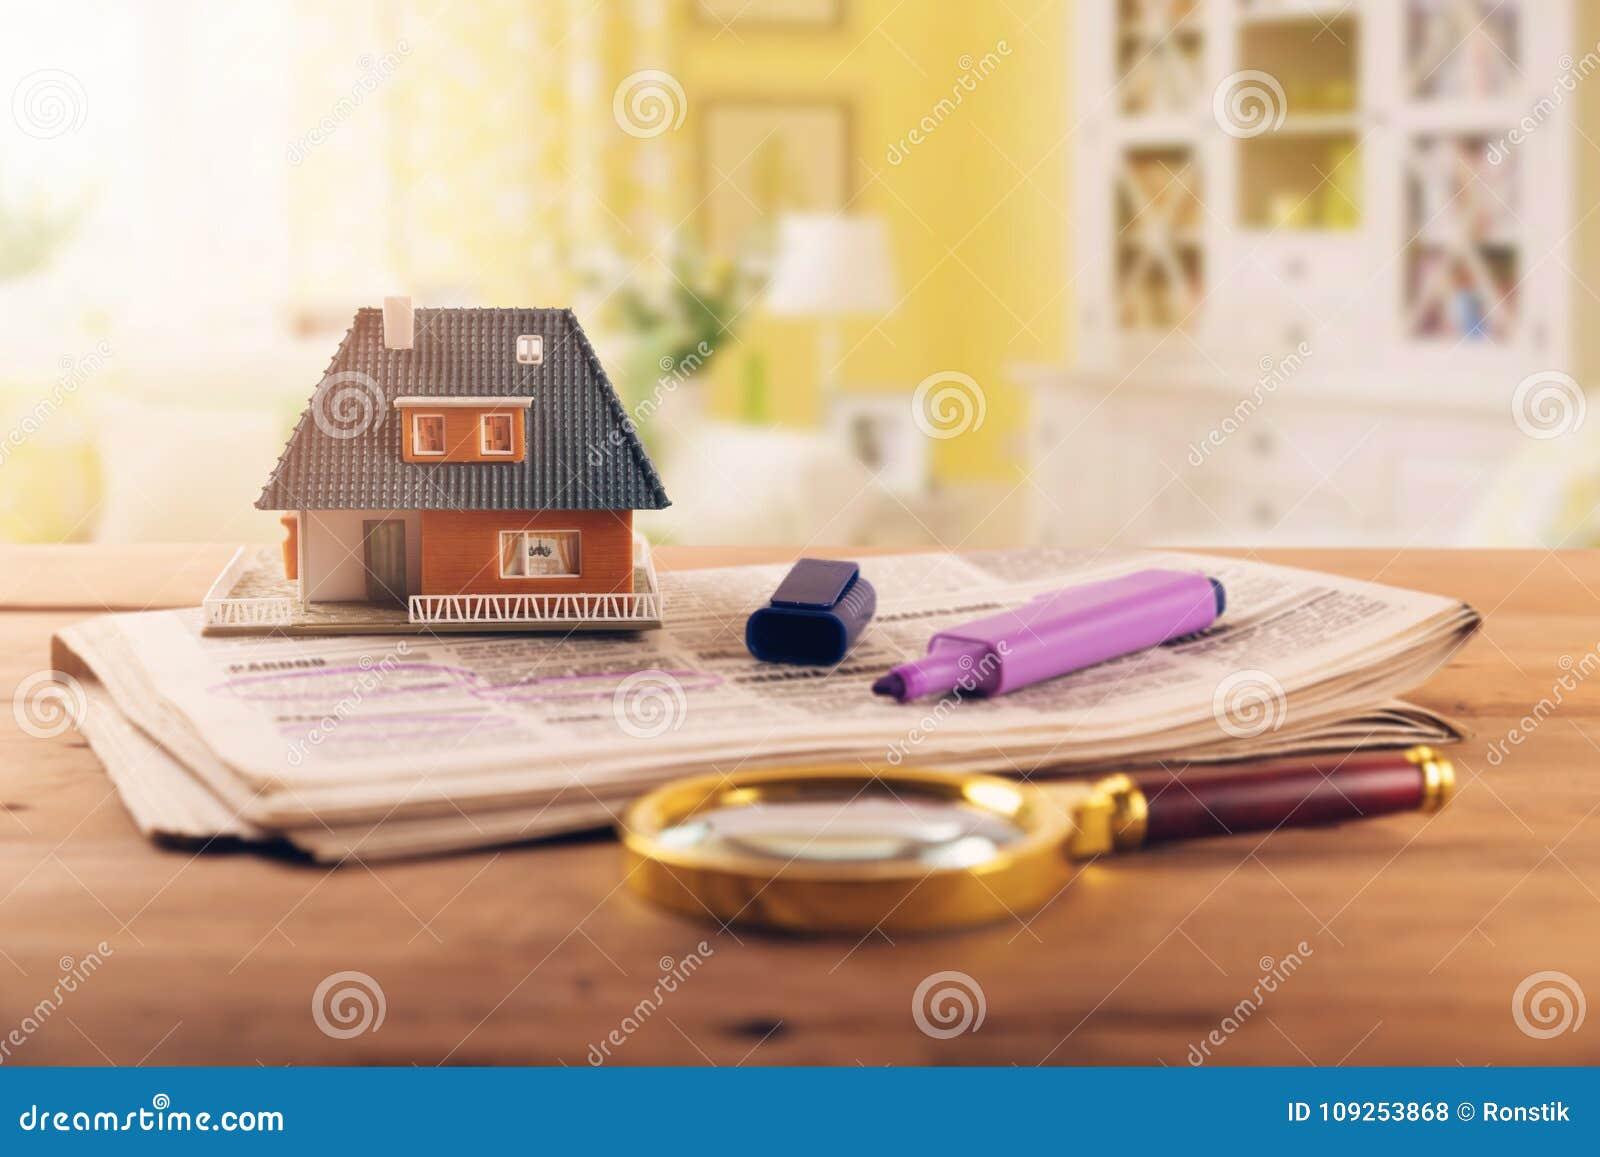 Suchen des neuen Hauses in den Immobilienkleinanzeigen der Zeitung